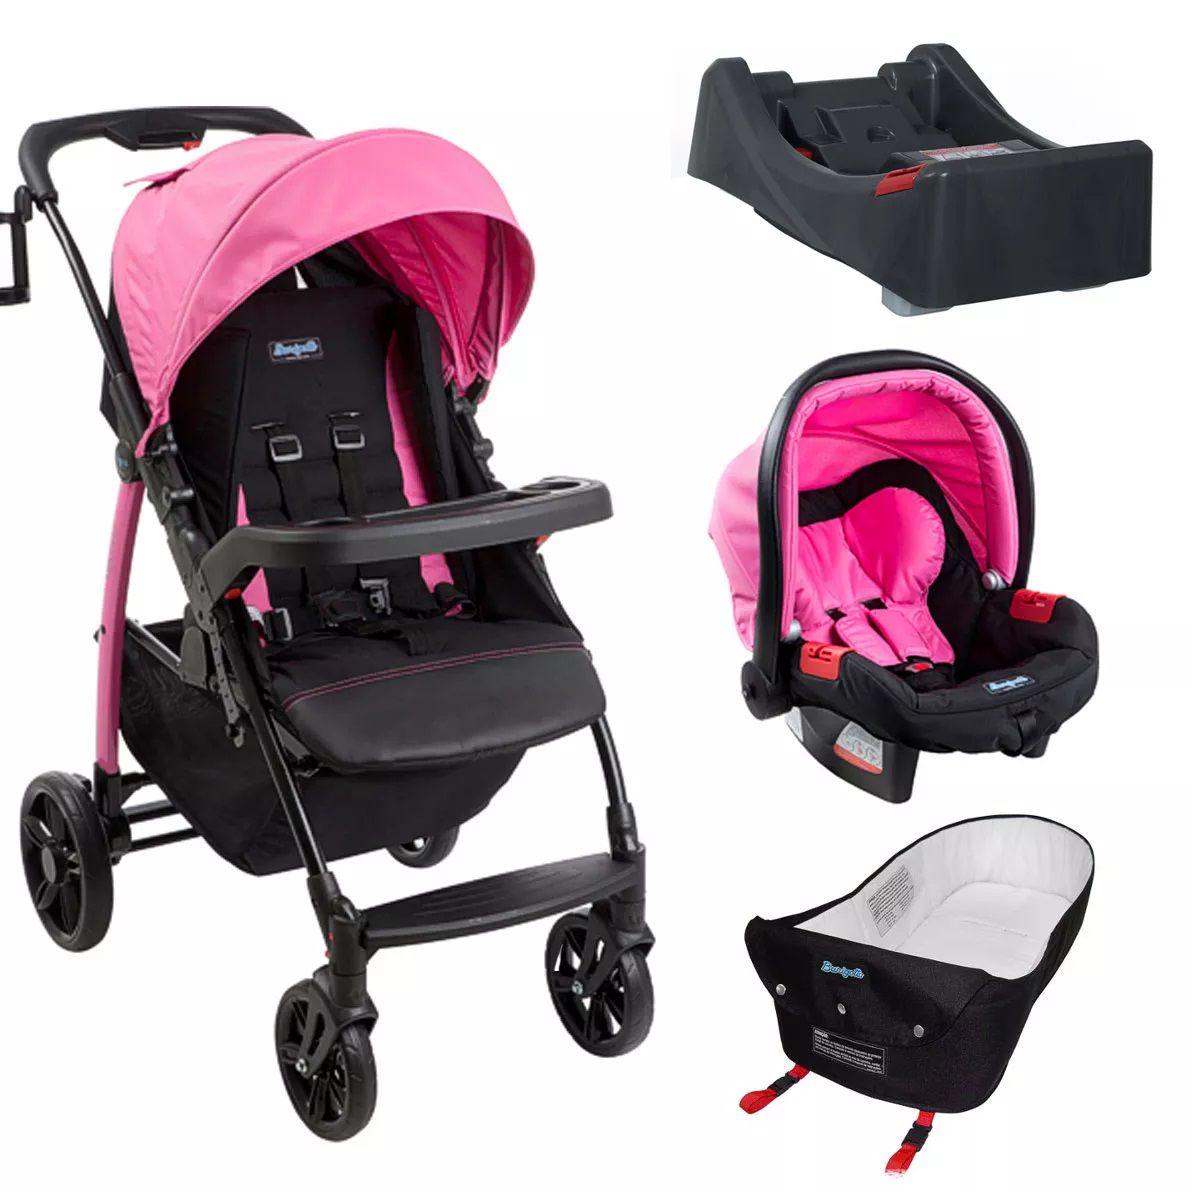 Carrinho Ecco Azaleia (Rosa) com Bebê Conforto Touring Evolution Se + Base + Ninho Pramete - Burigotto